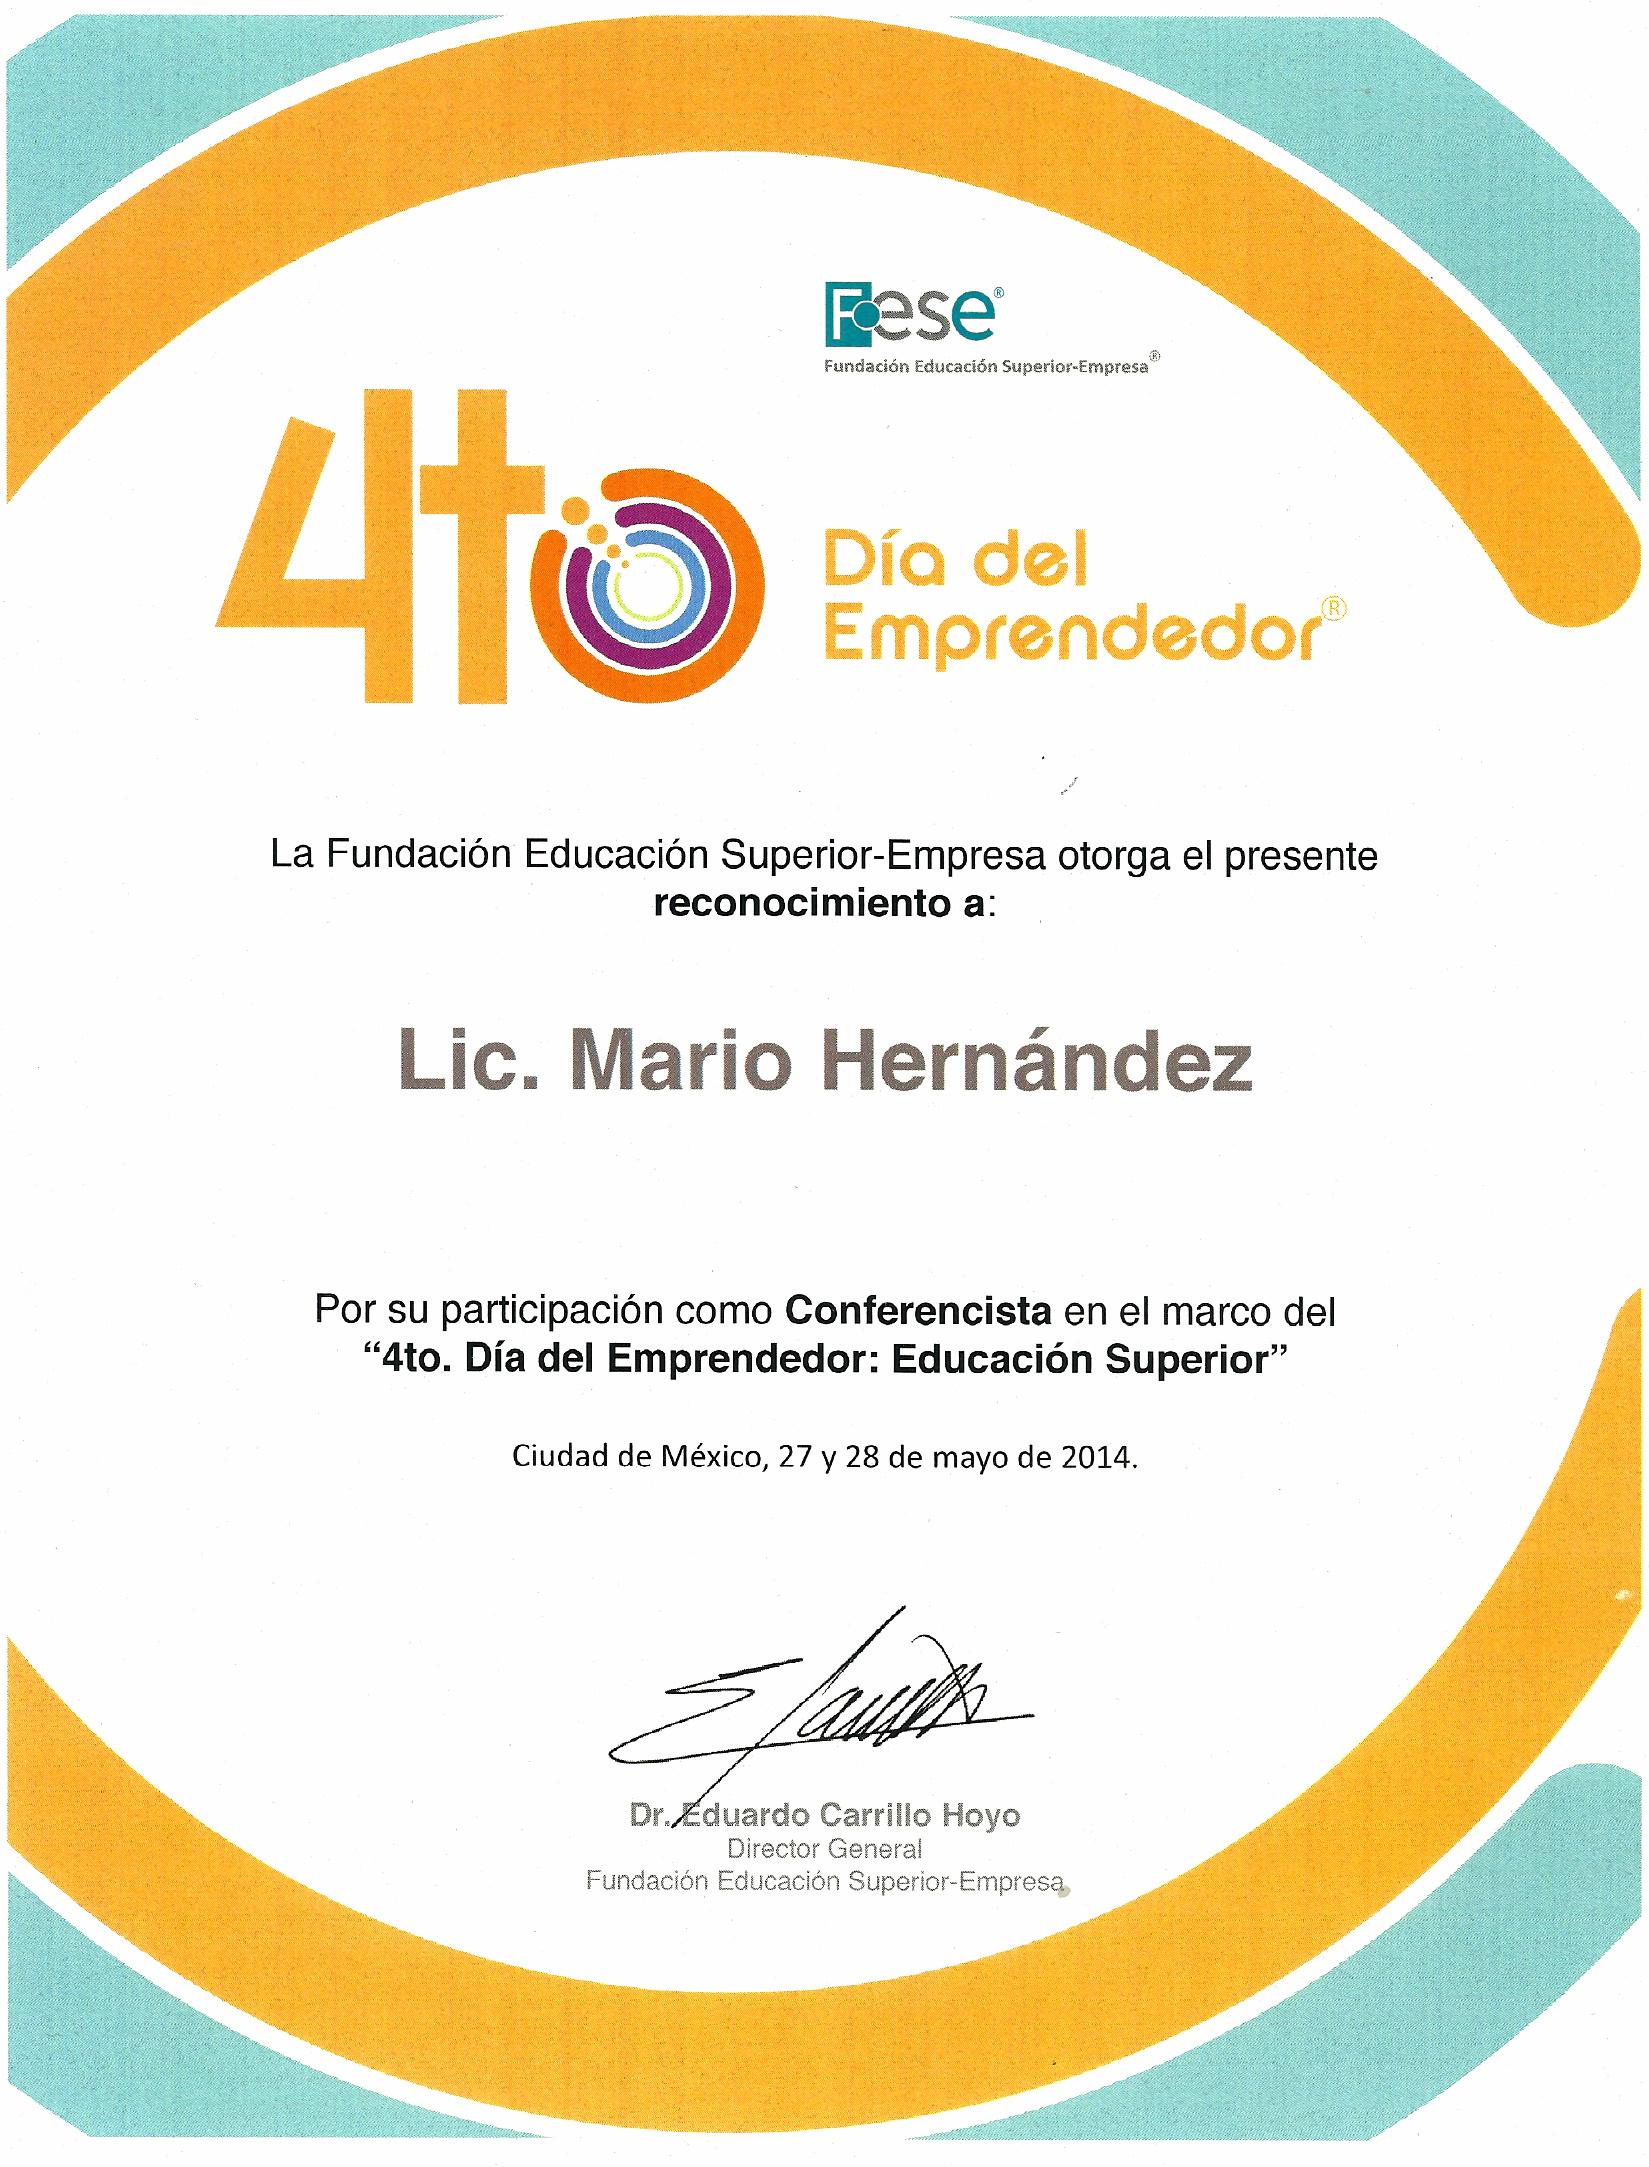 Reconocimiento_4o_Día_del_Emprendedor